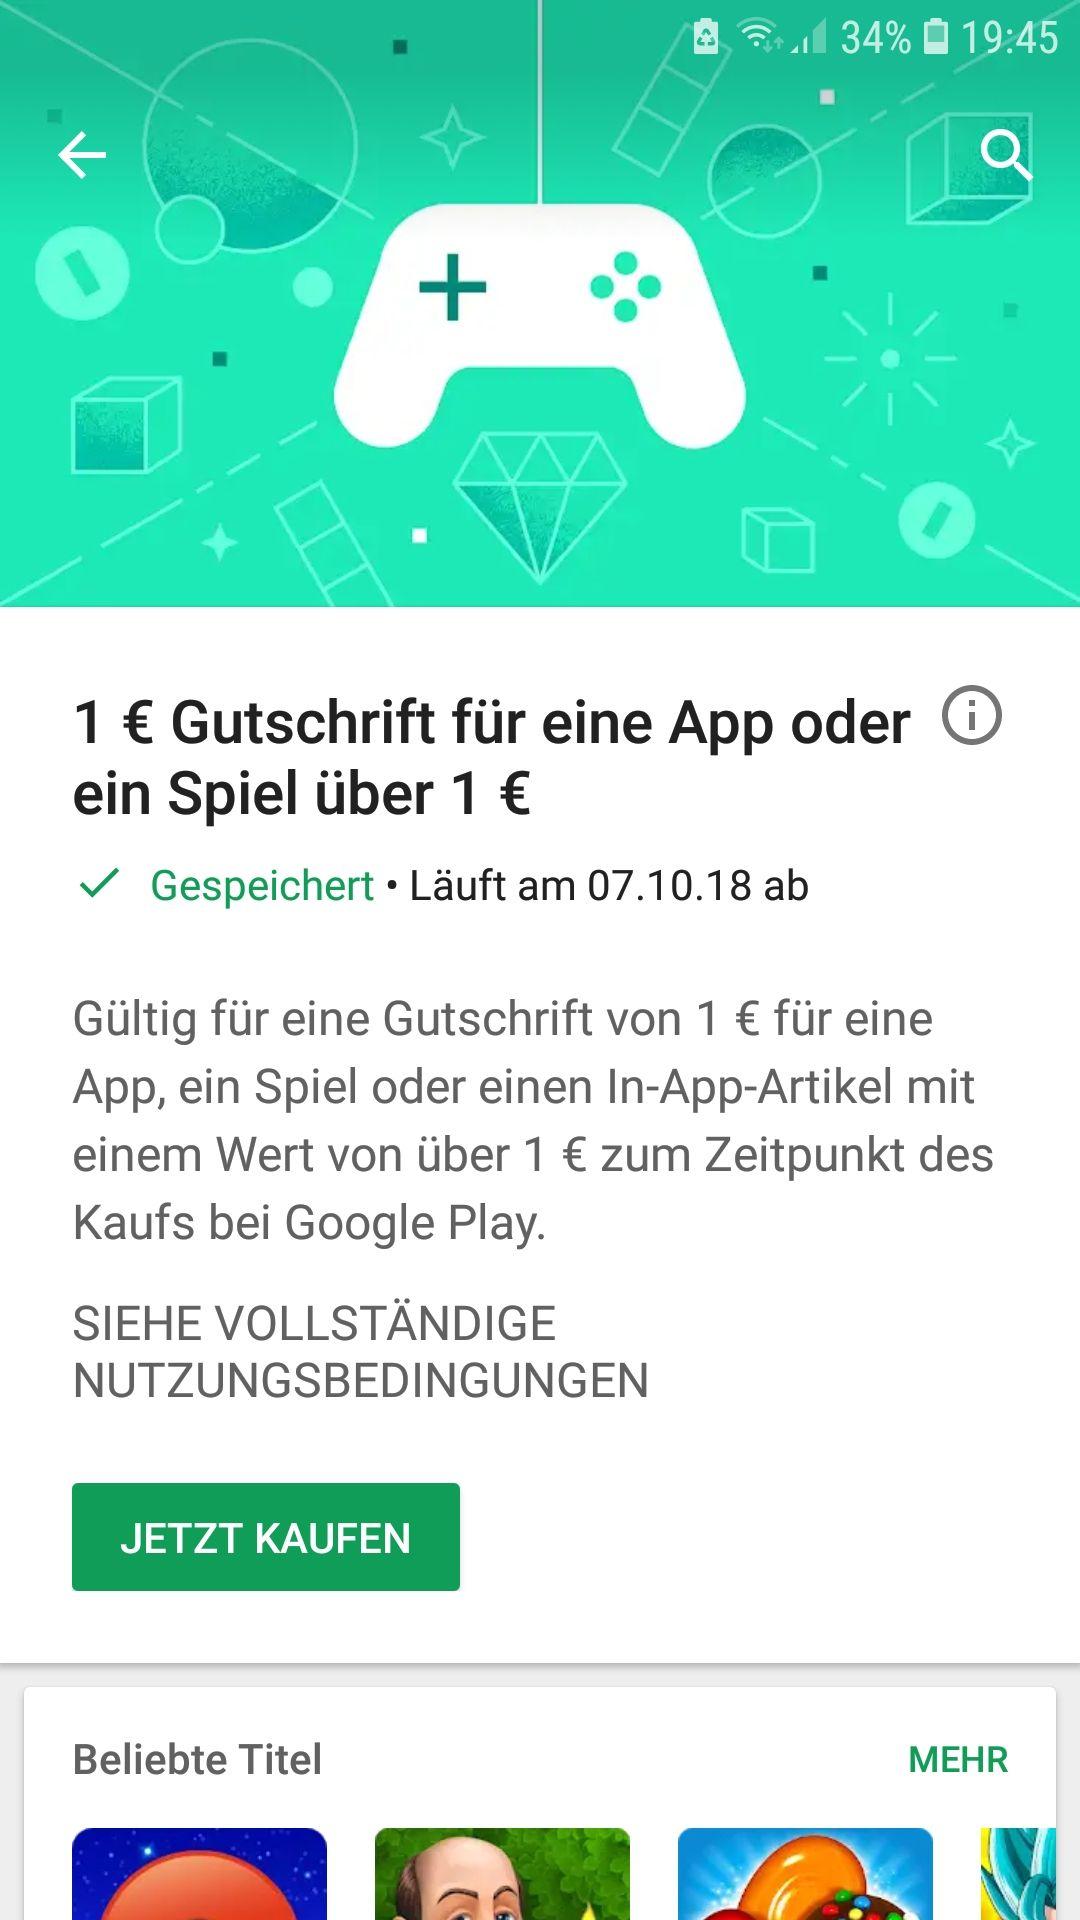 1€Gutschrift für eine App oder ein Spiel über 1€ (ANDROID) [FÜR AUSGEWÄHLTE KUNDEN]